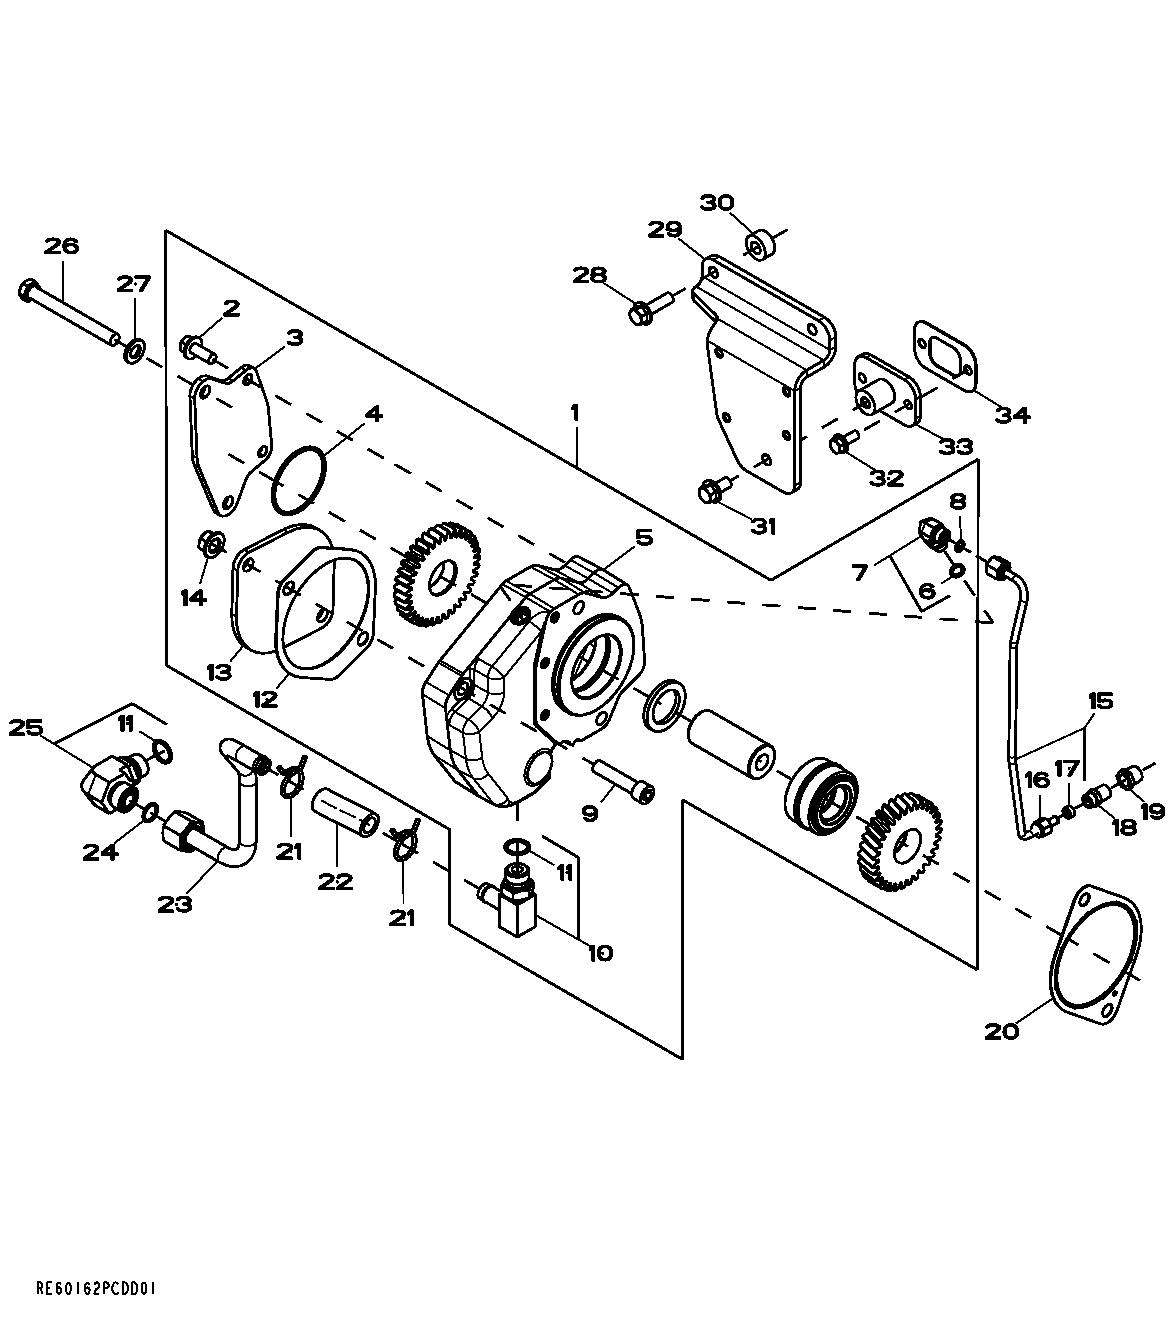 Wiring Diagram Besides Onan 6 5 Rv Genset Generator Wiring